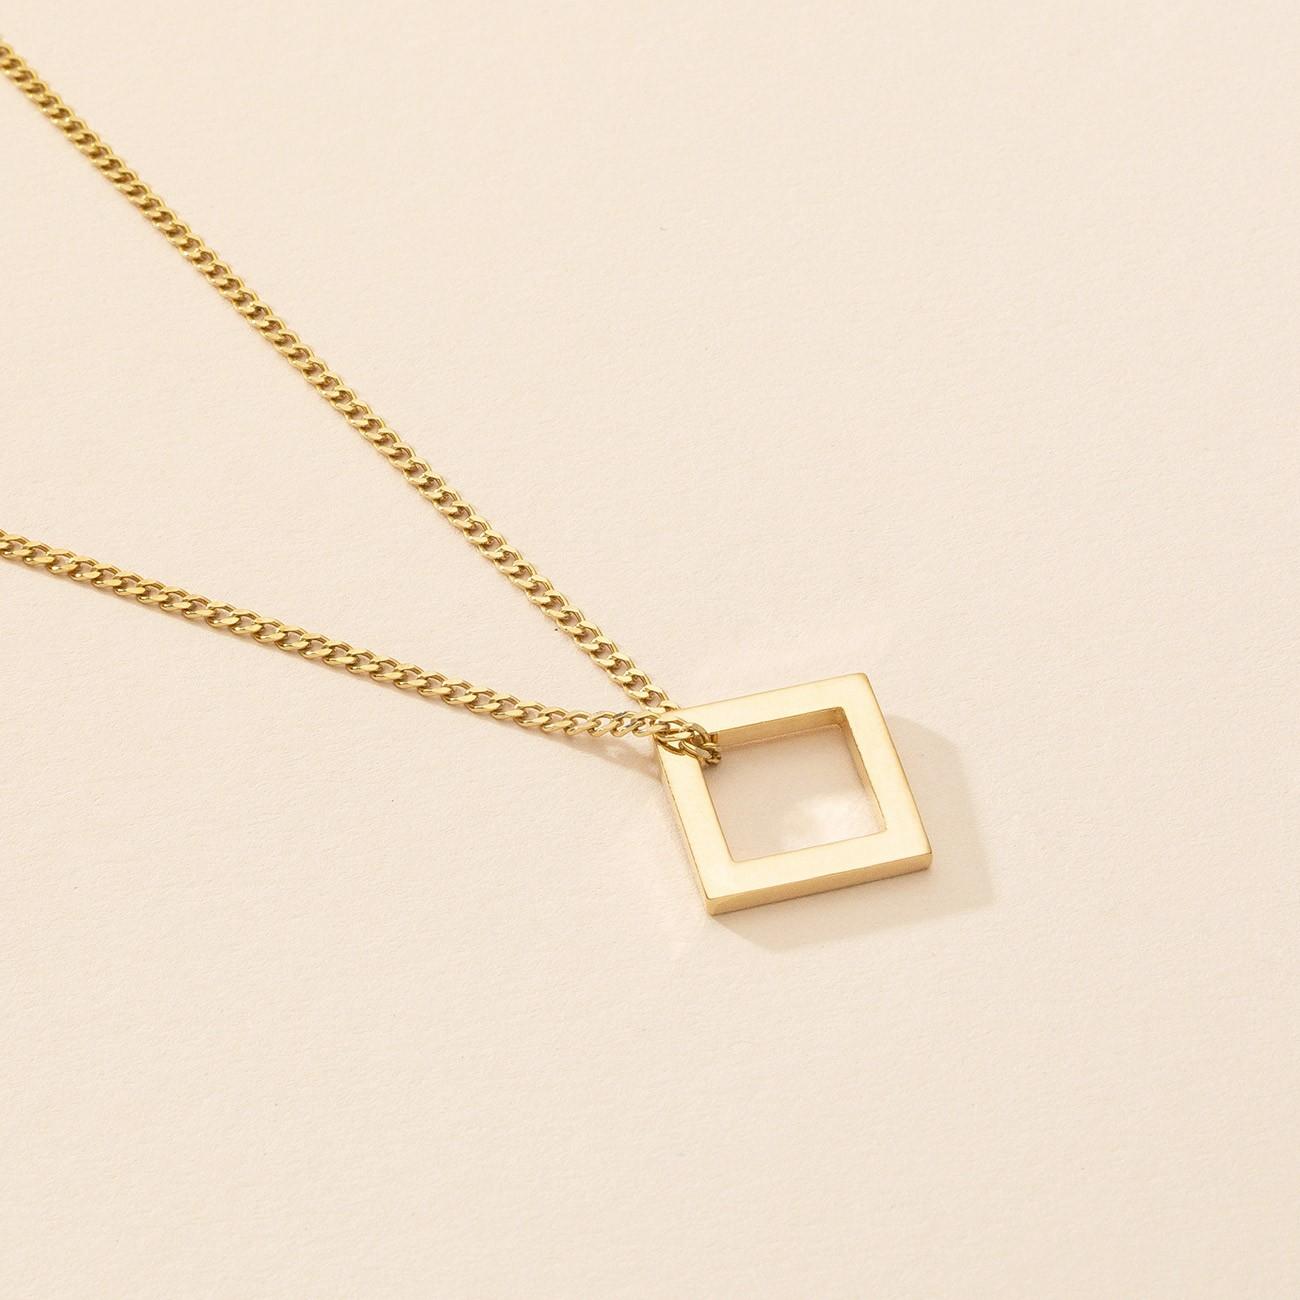 Naszyjnik z kwadratową zawieszką, srebro 925